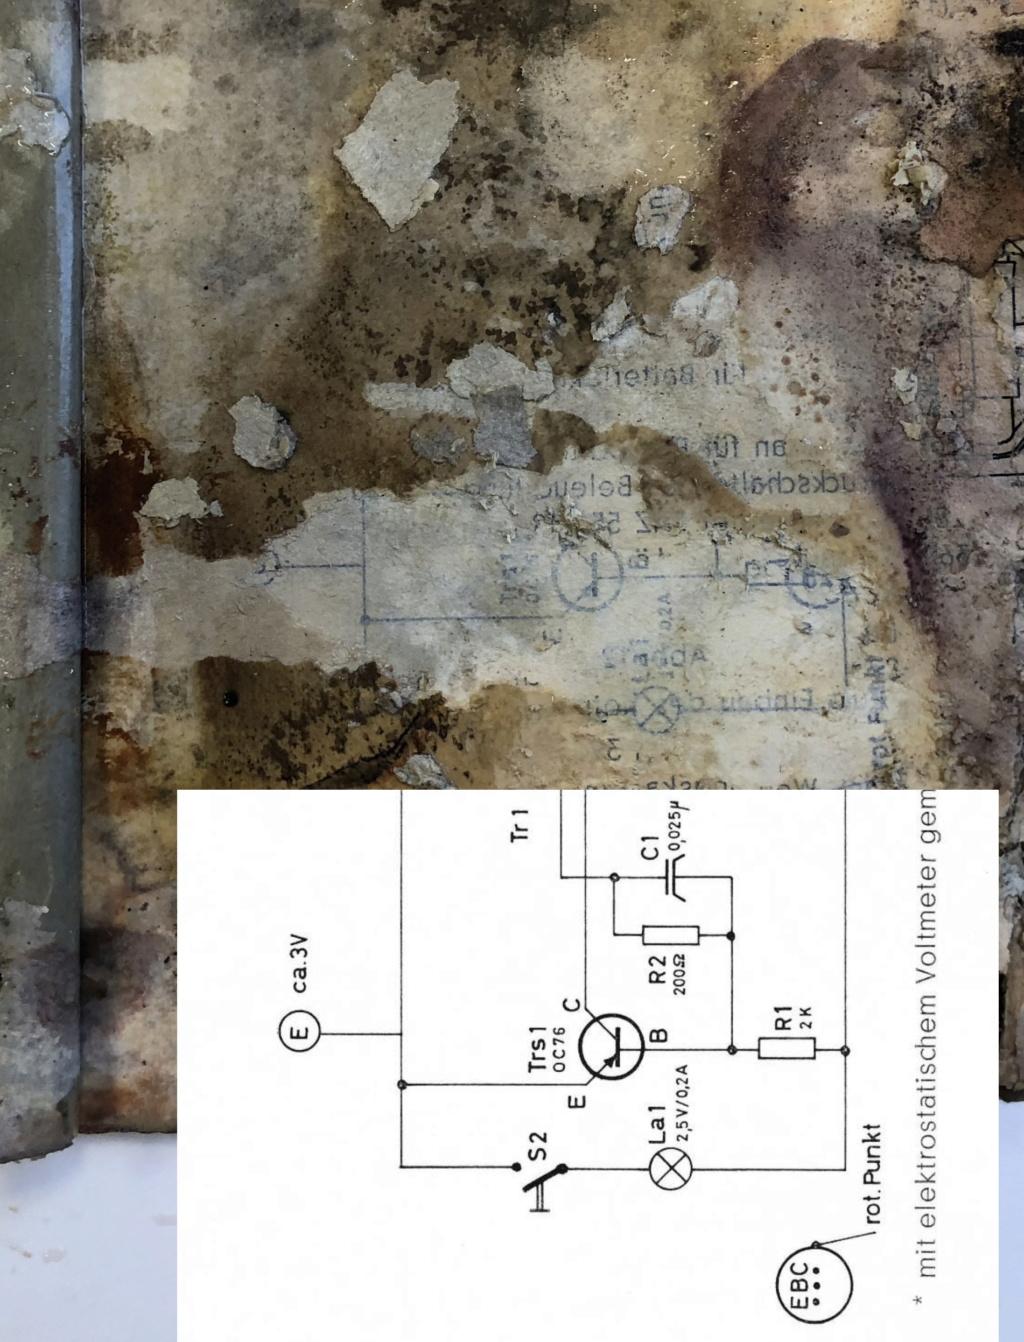 [Review] Stylos Dosimètres : Théorie, réparation, tests & co Scheam10